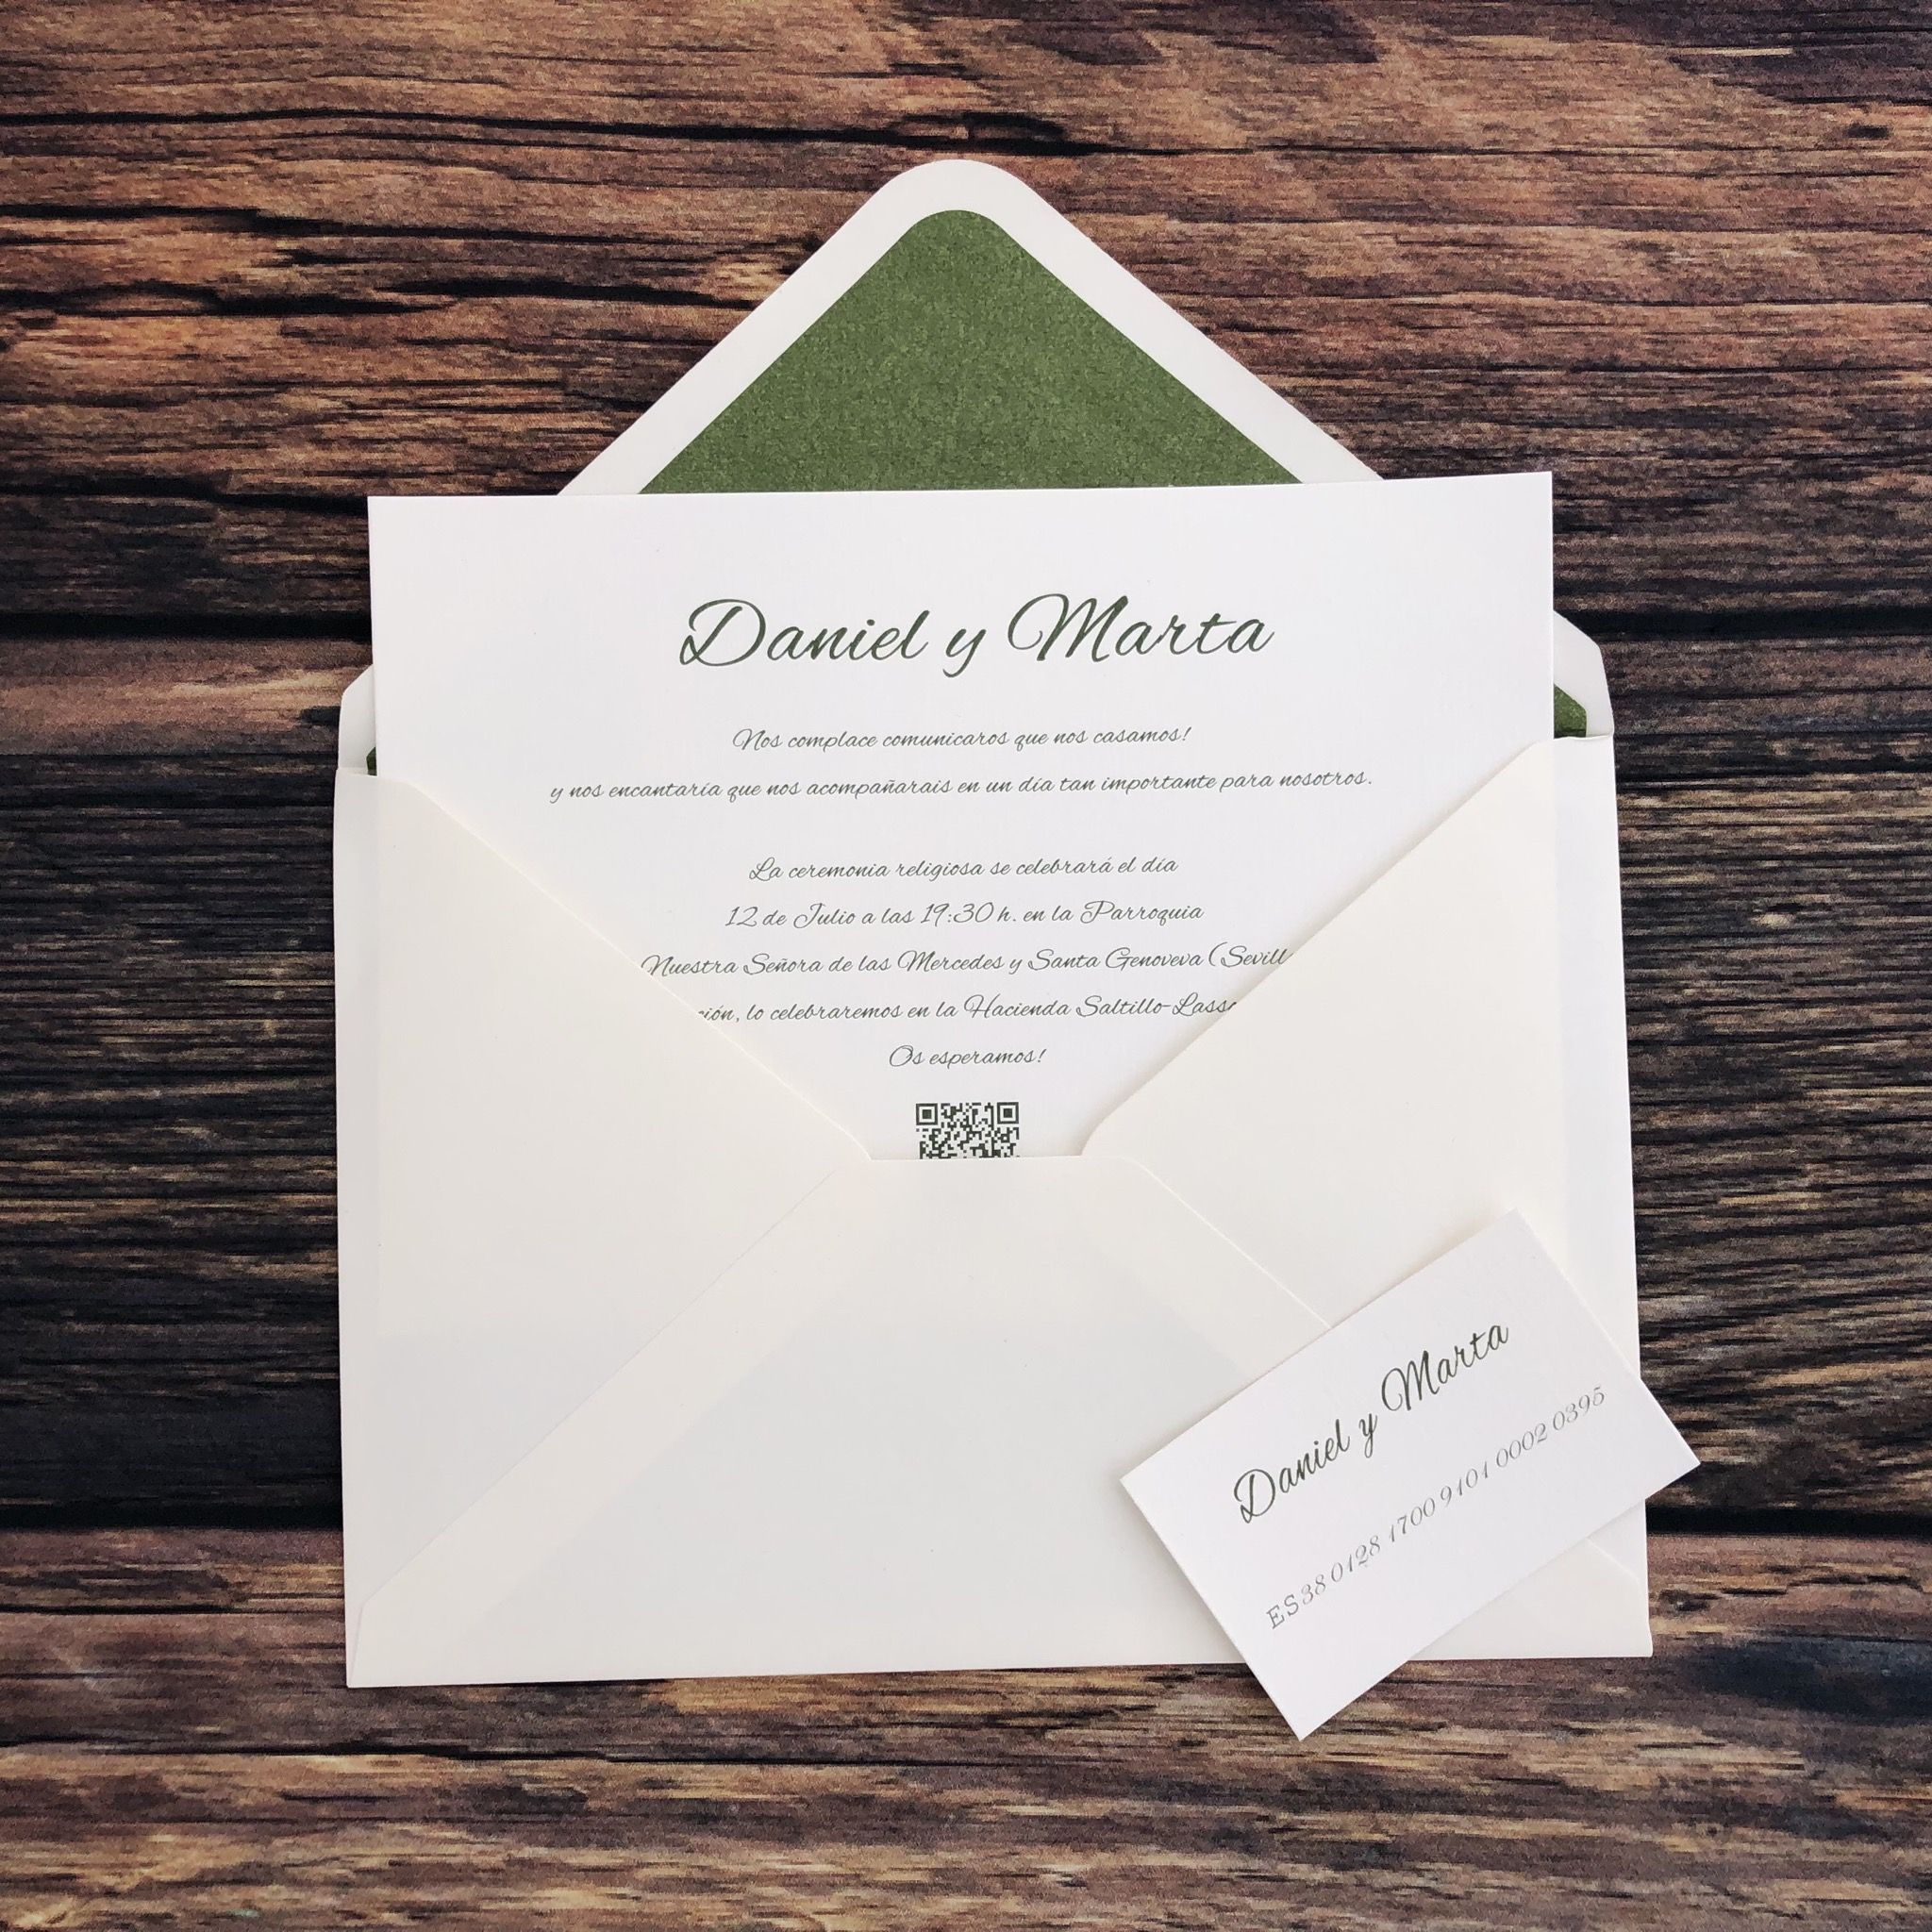 Invitación clásica verde con código Qr + App invitación